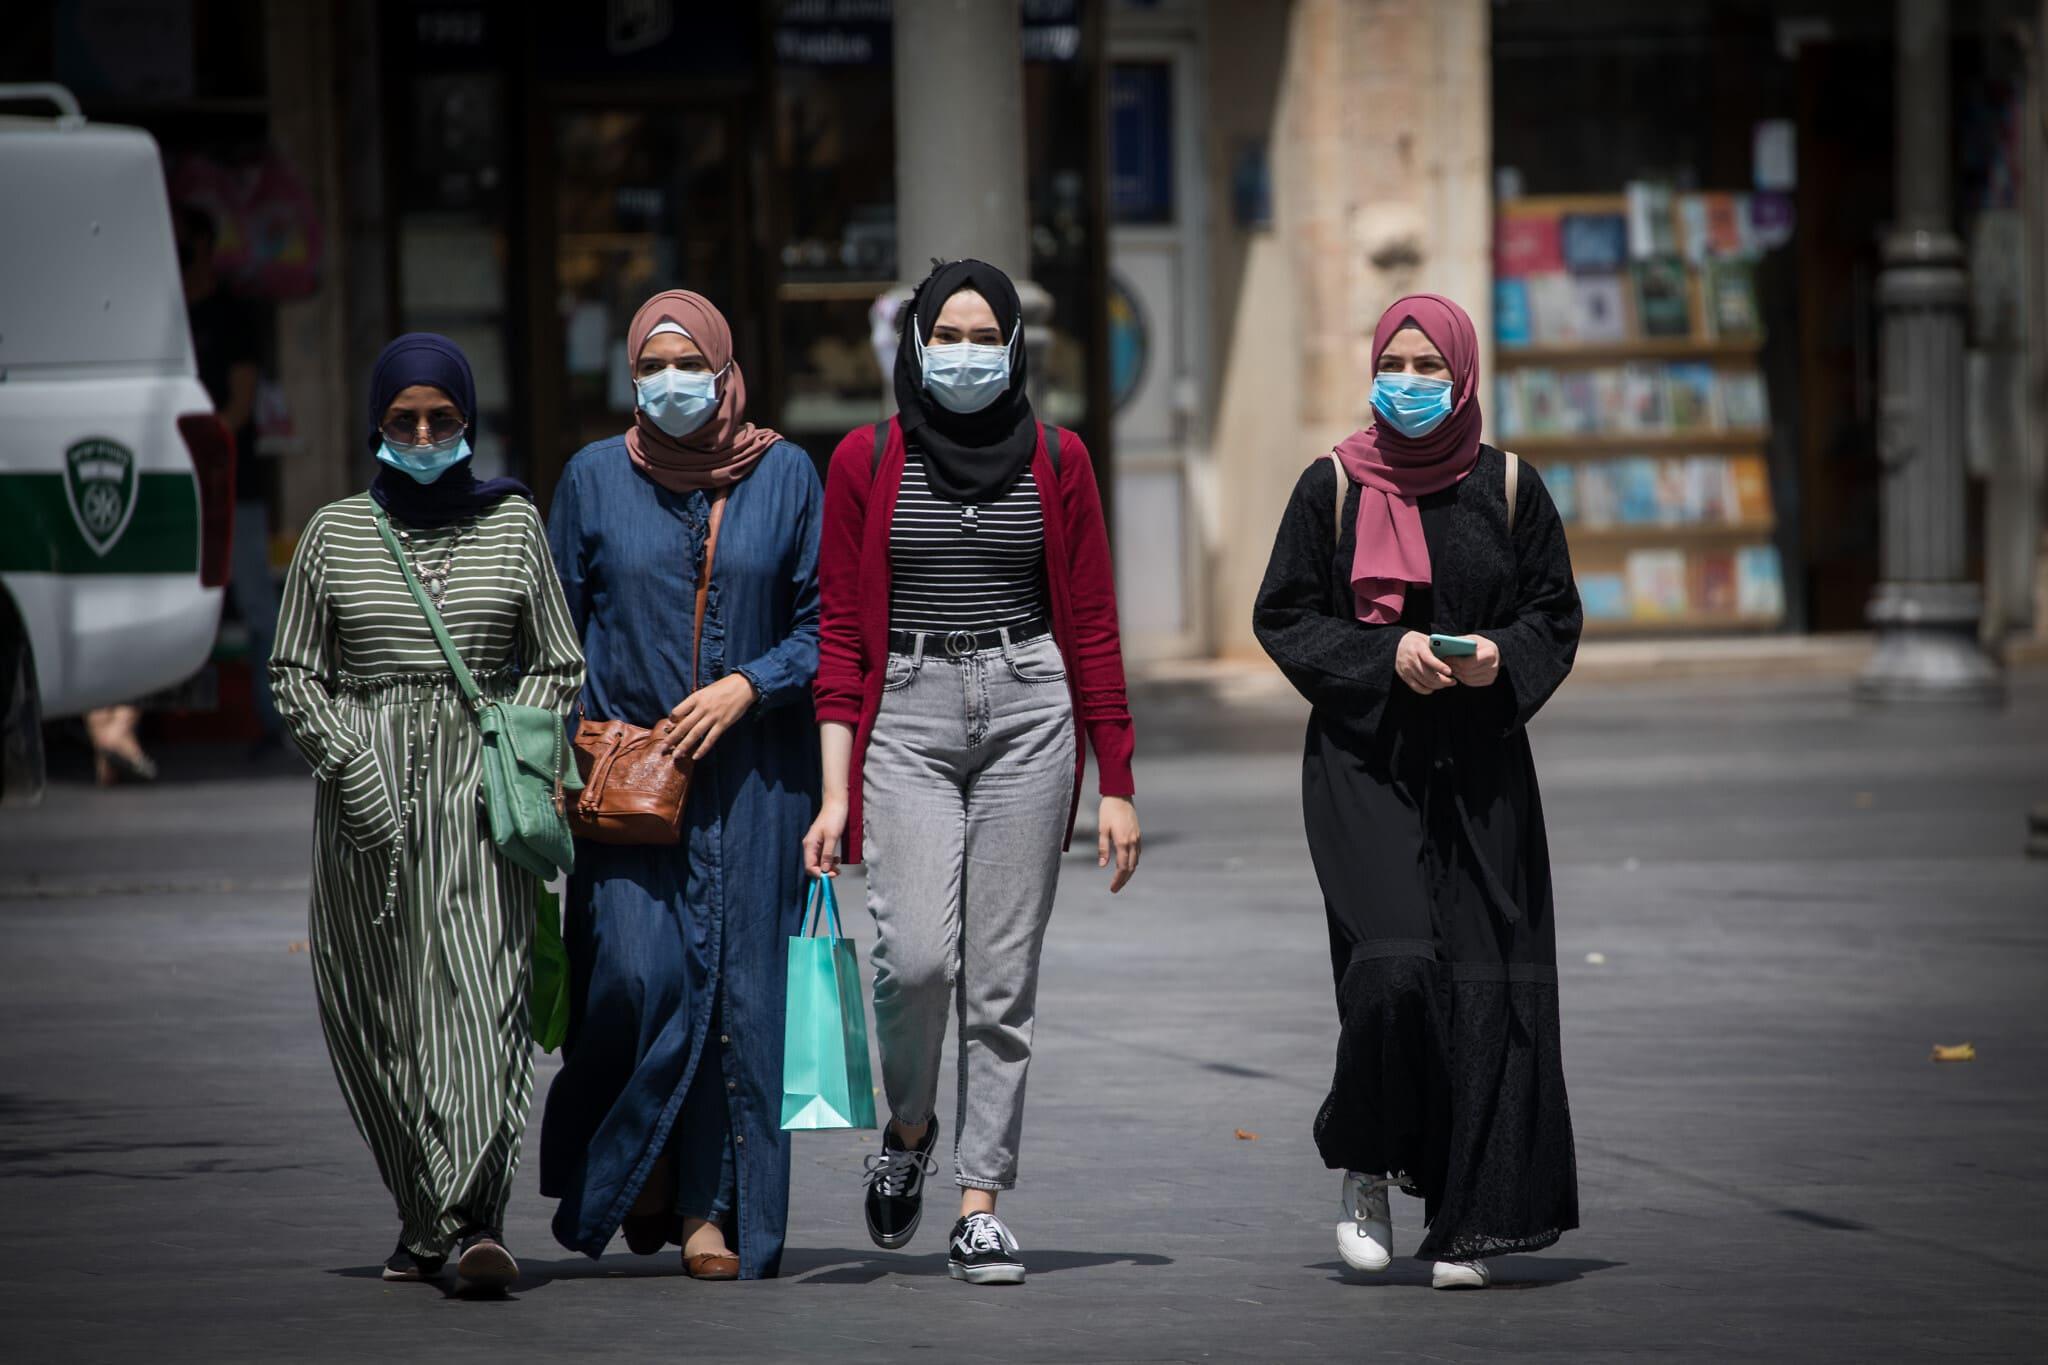 נשים לובשות מסכות בירושלים, יולי 2020 (צילום: Yonatan Sindel/Flash90)